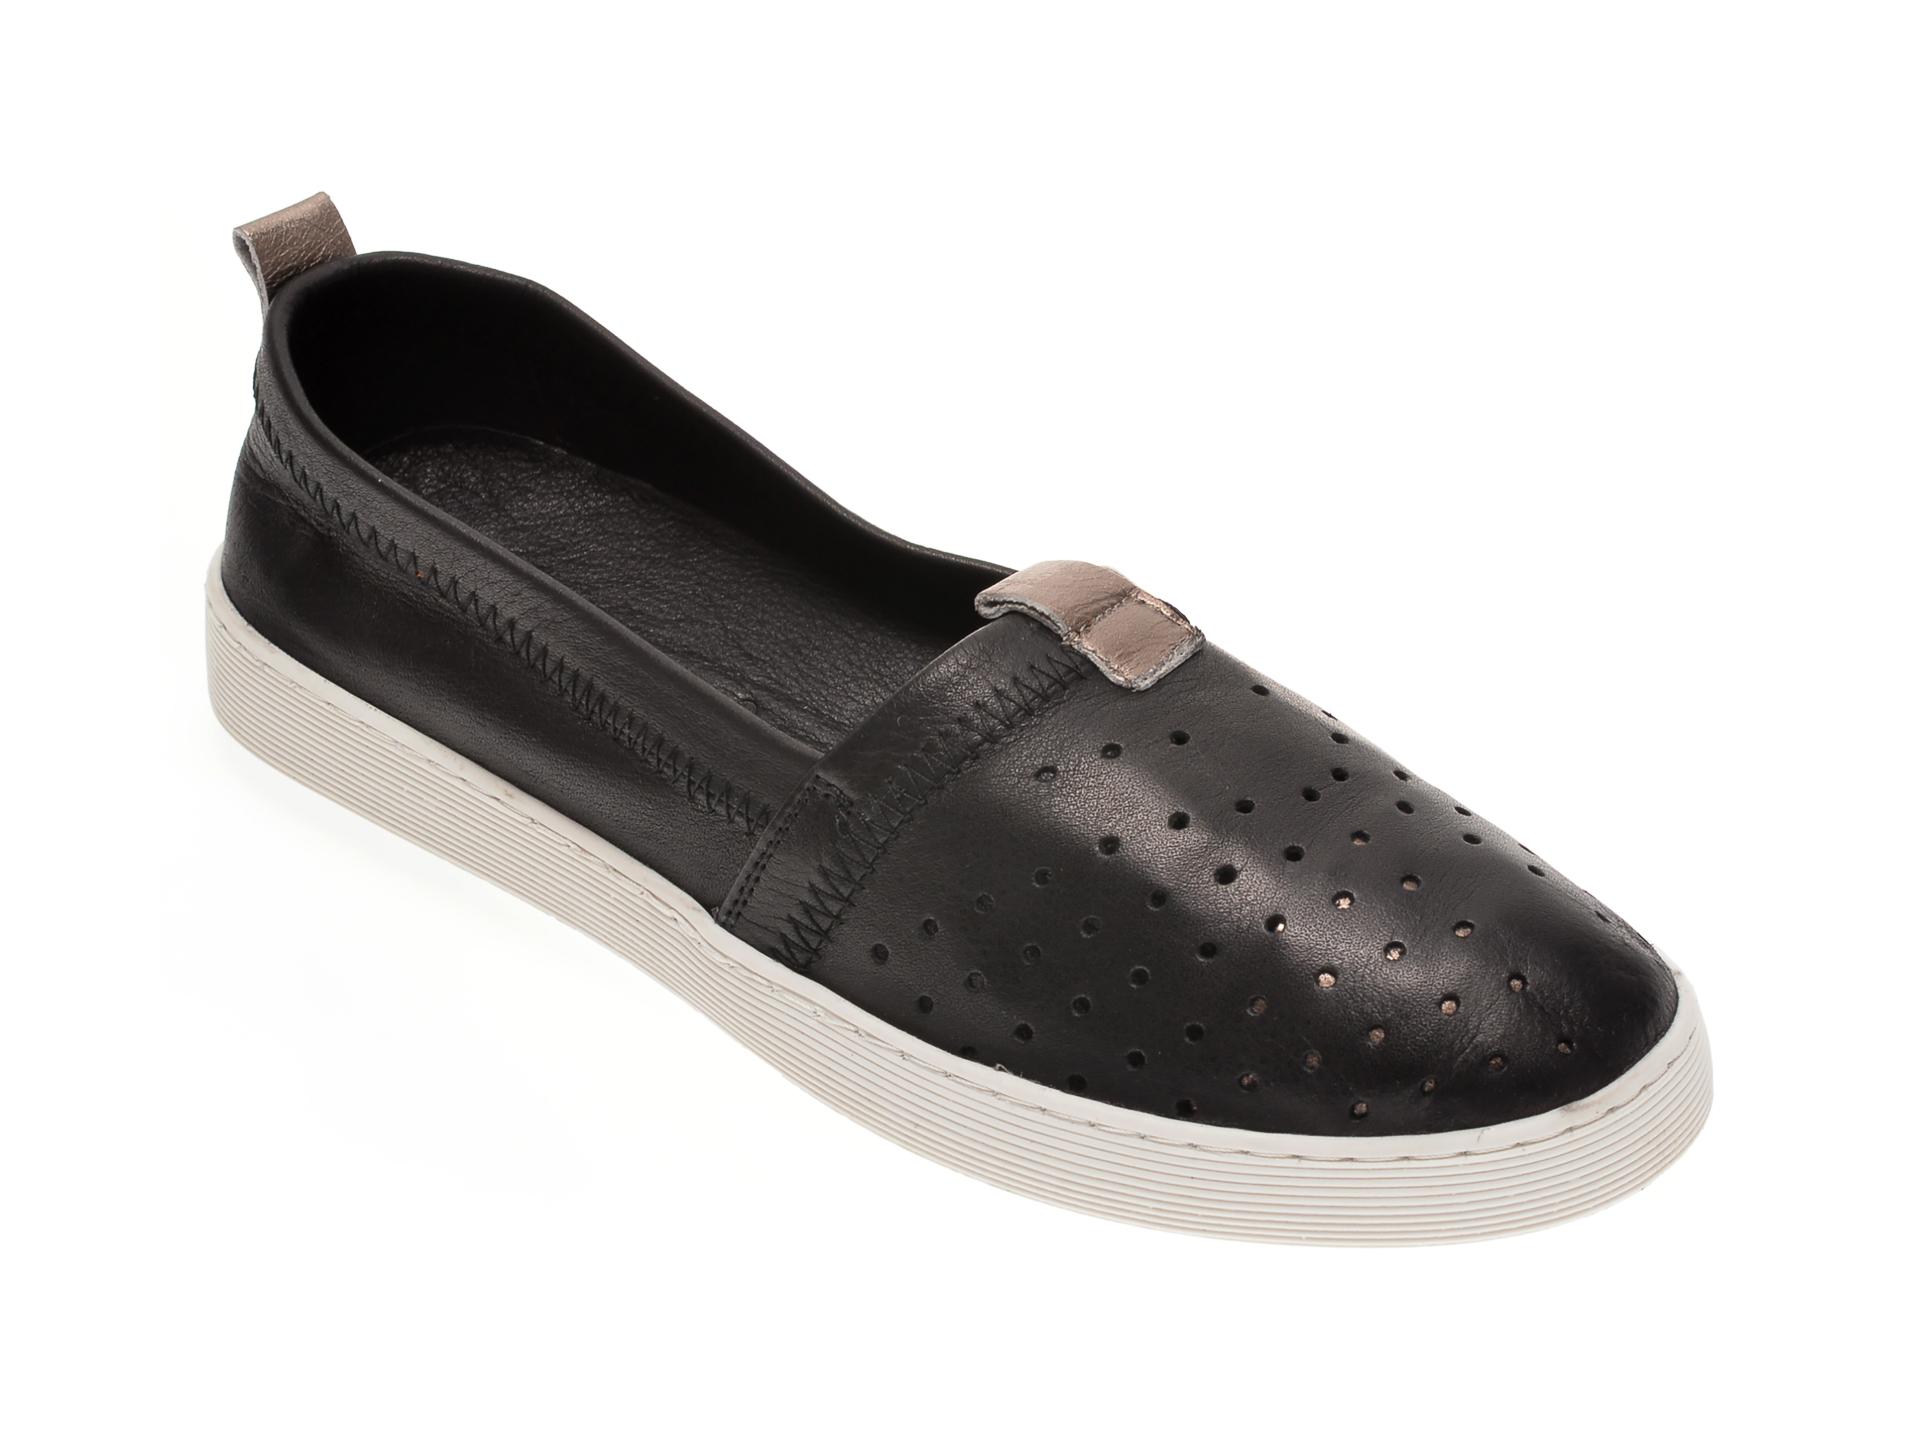 Pantofi BABOOS negri, R10, din piele naturala